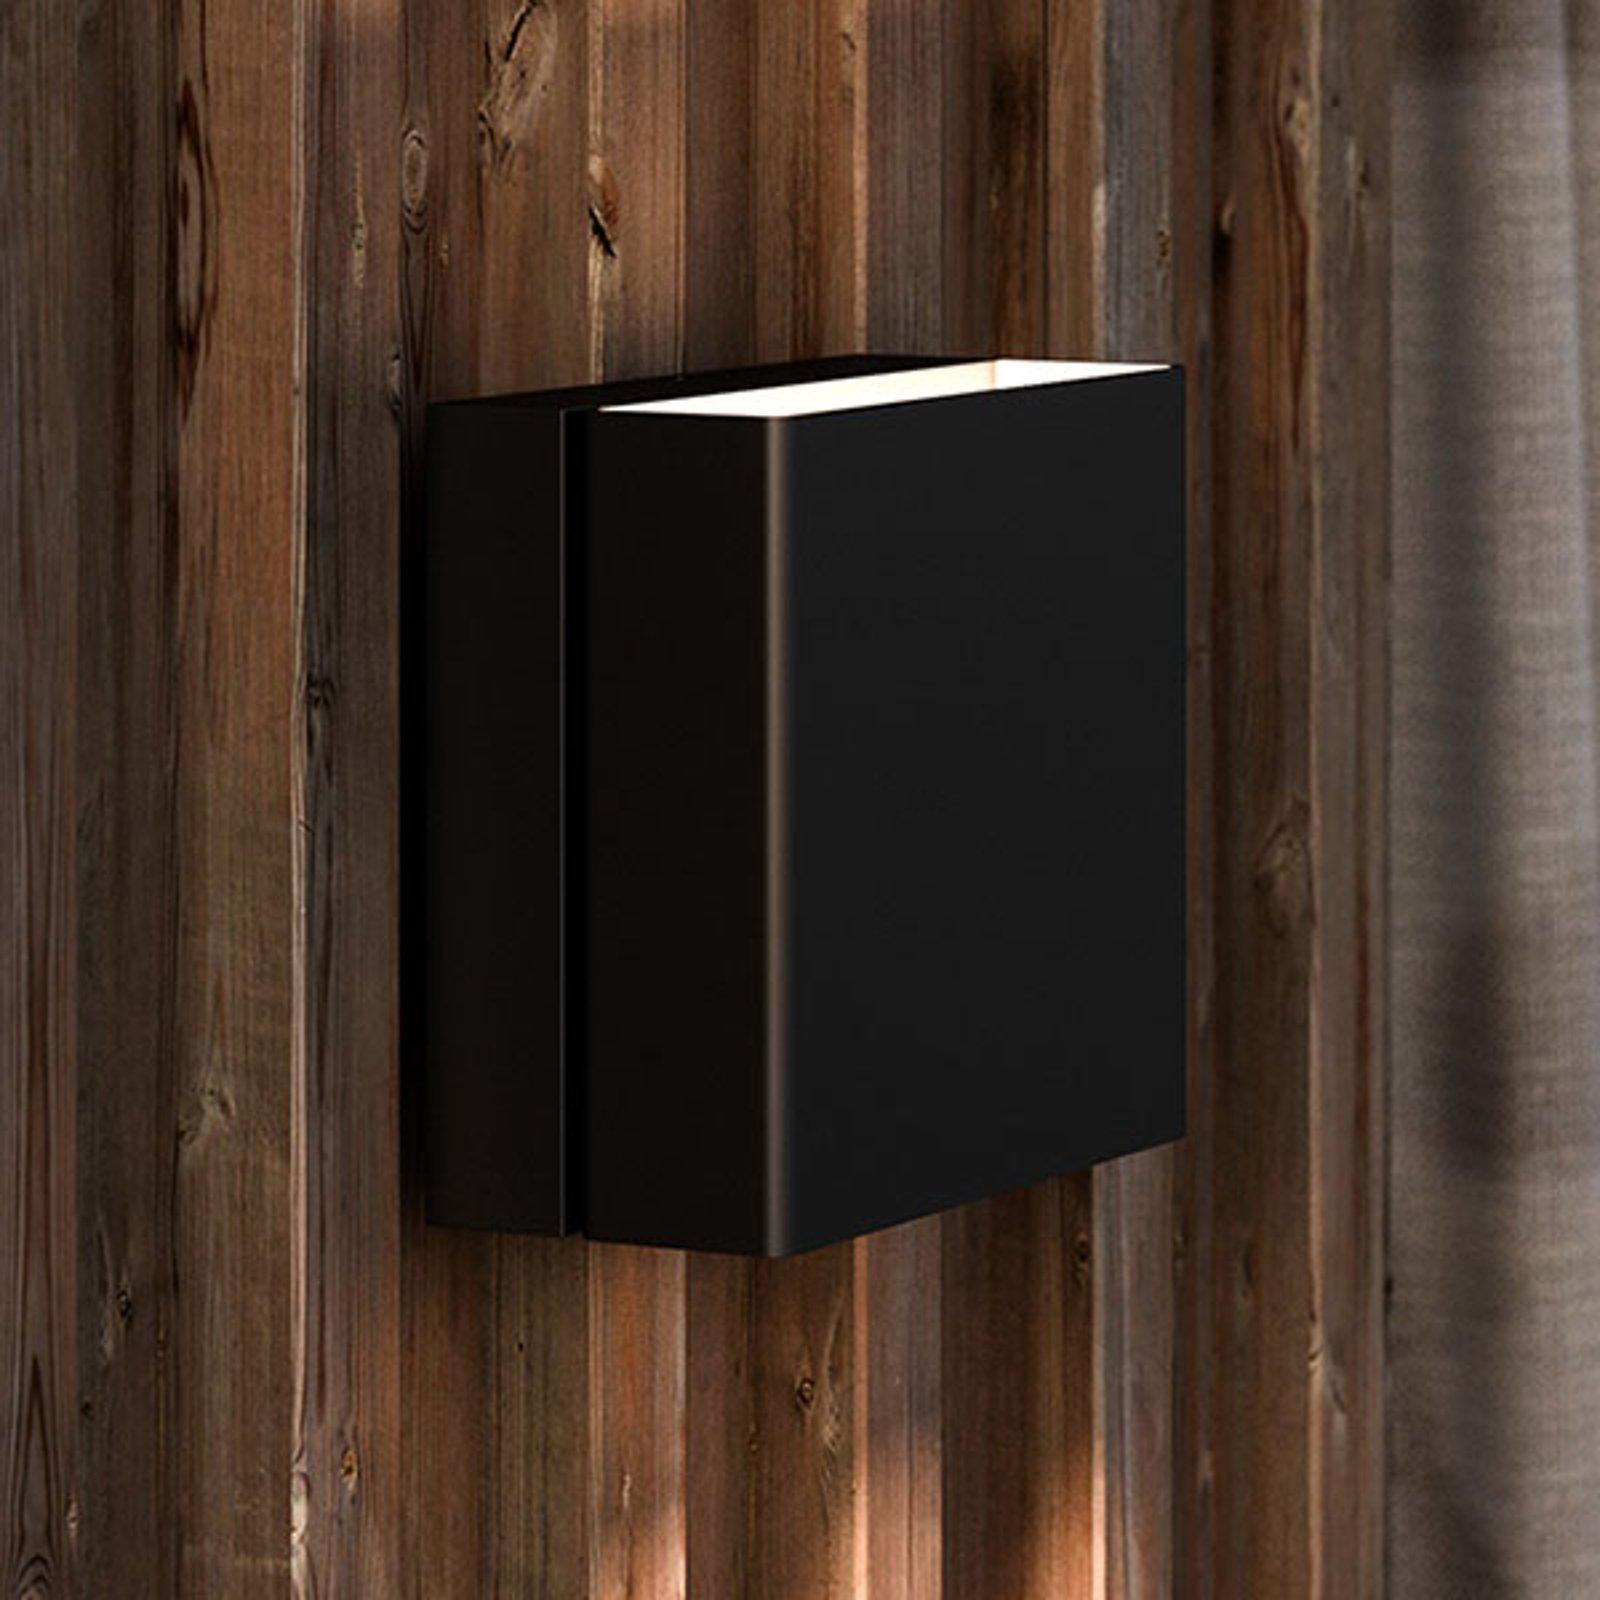 Utendørs LED-vegglampe Turn, dimbar, svart